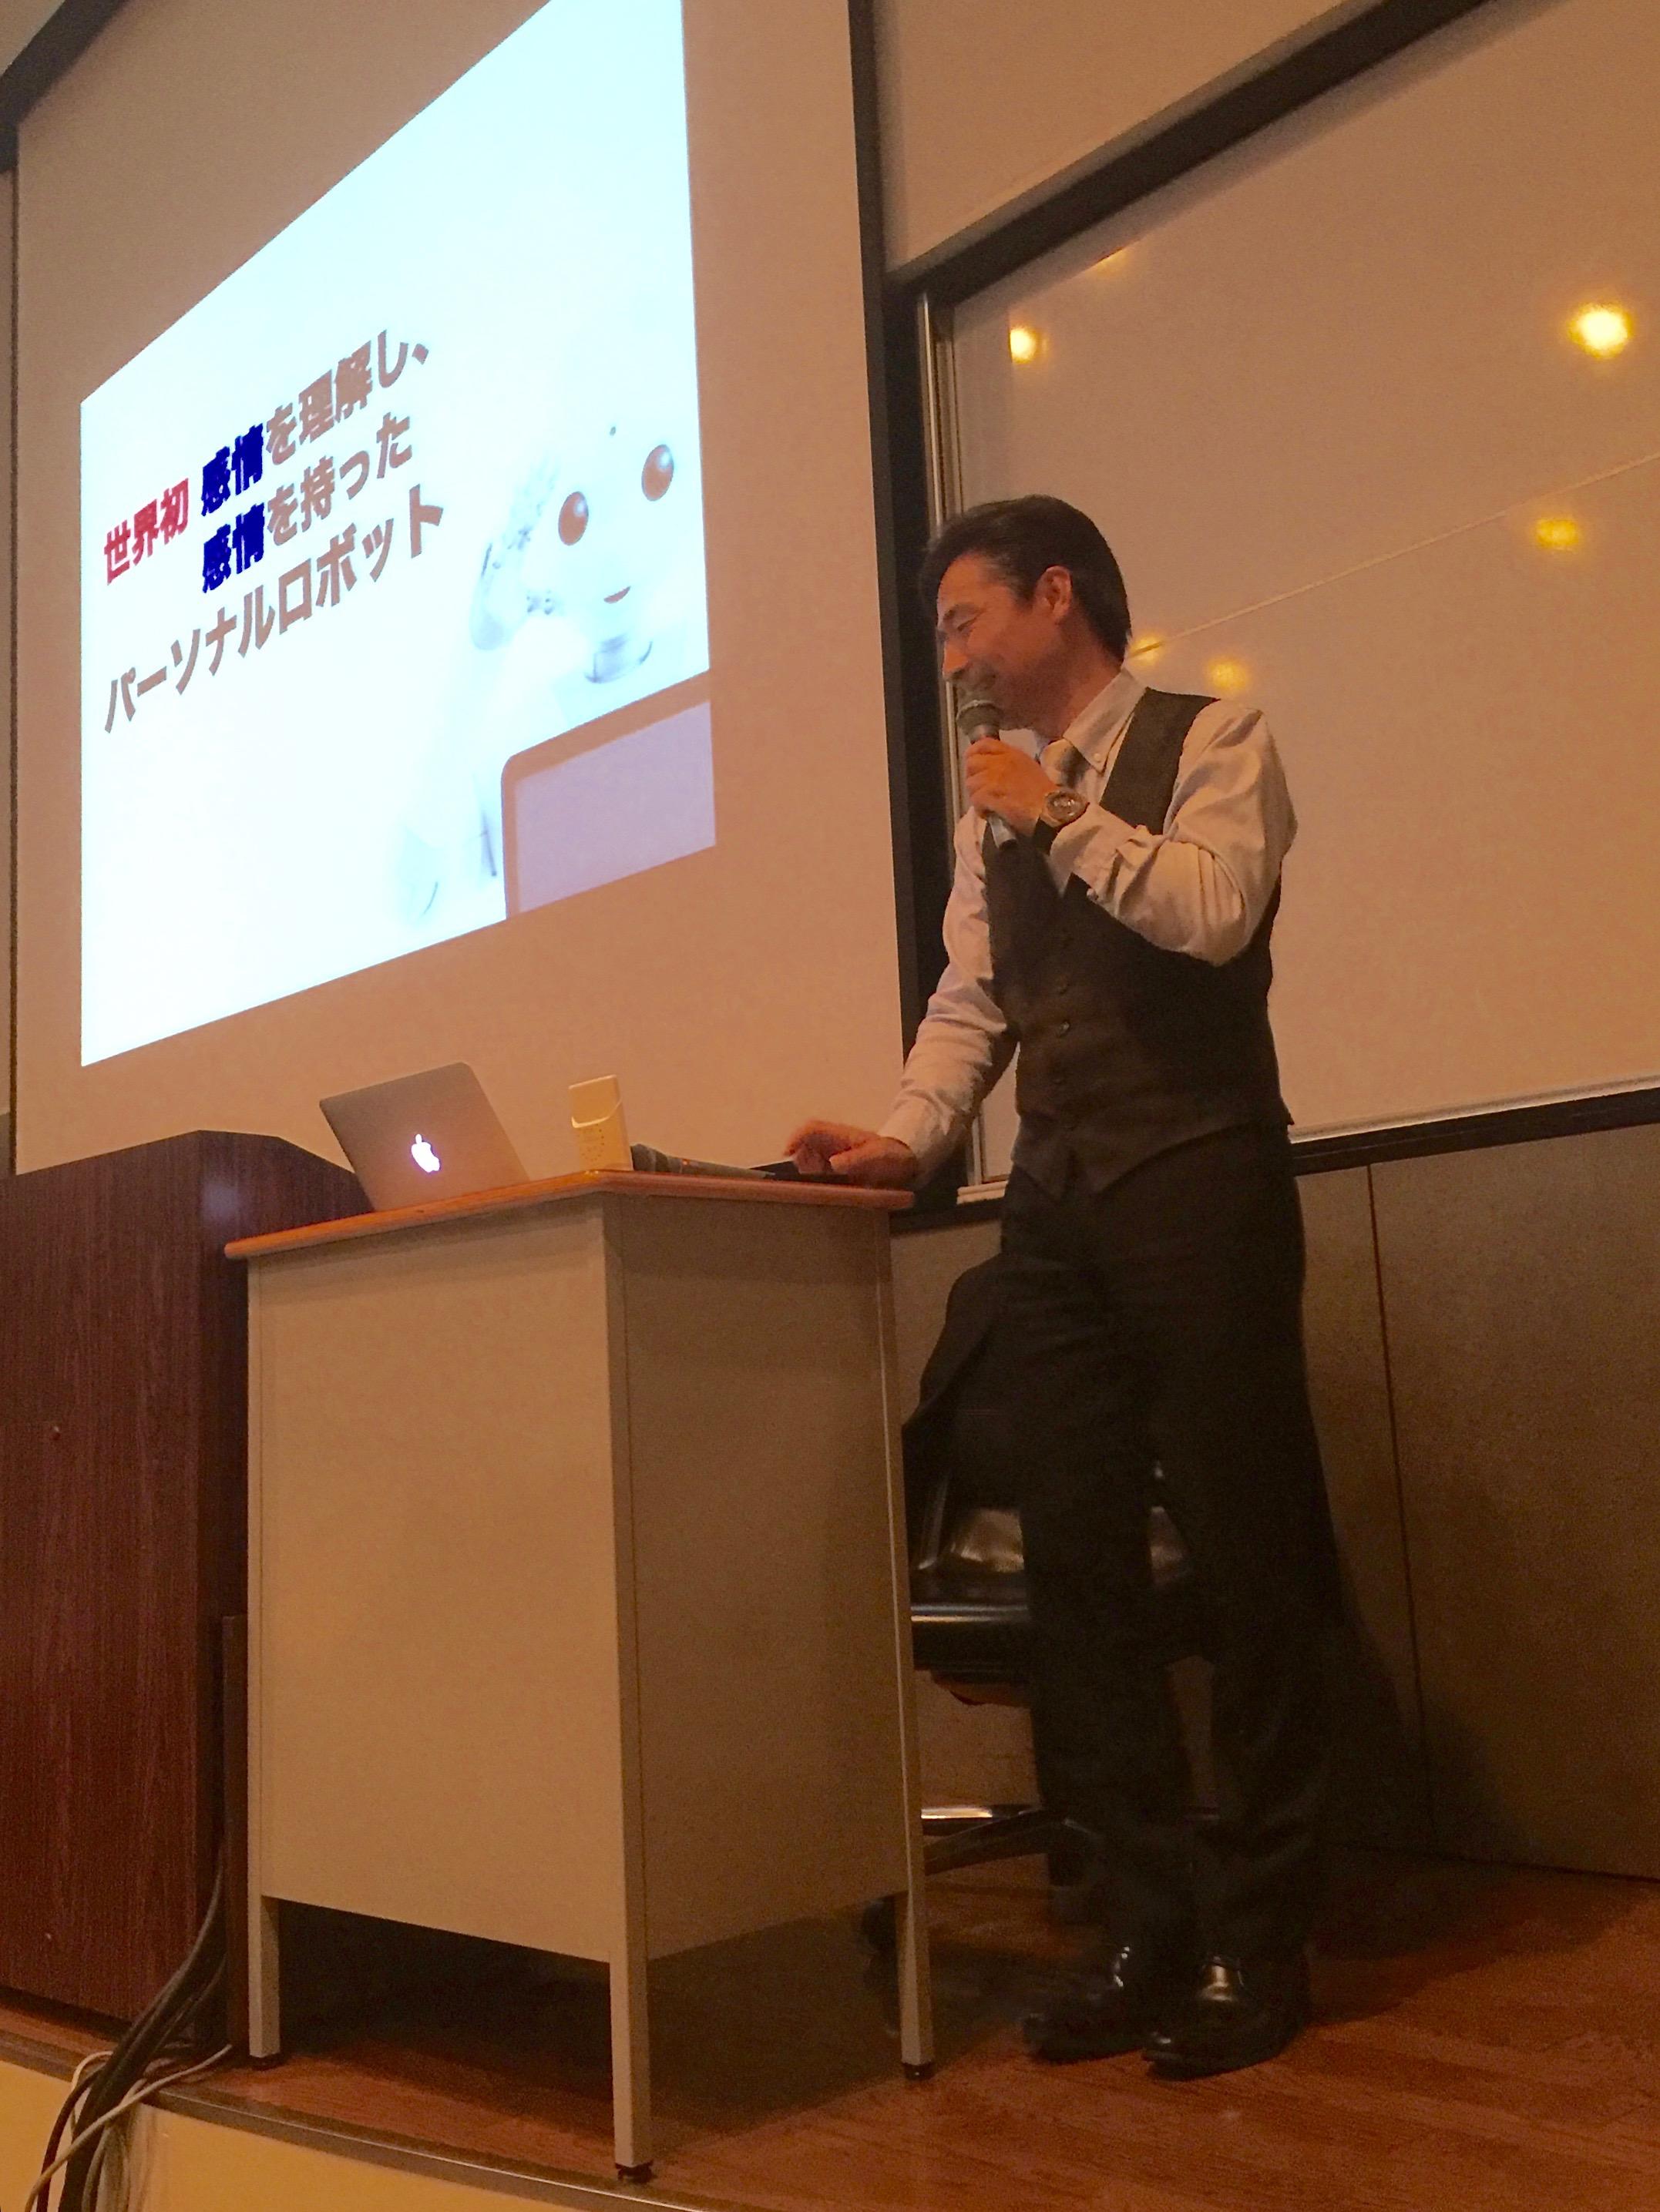 中山五輪男様(ソフトバンク社)にご講演いただきました